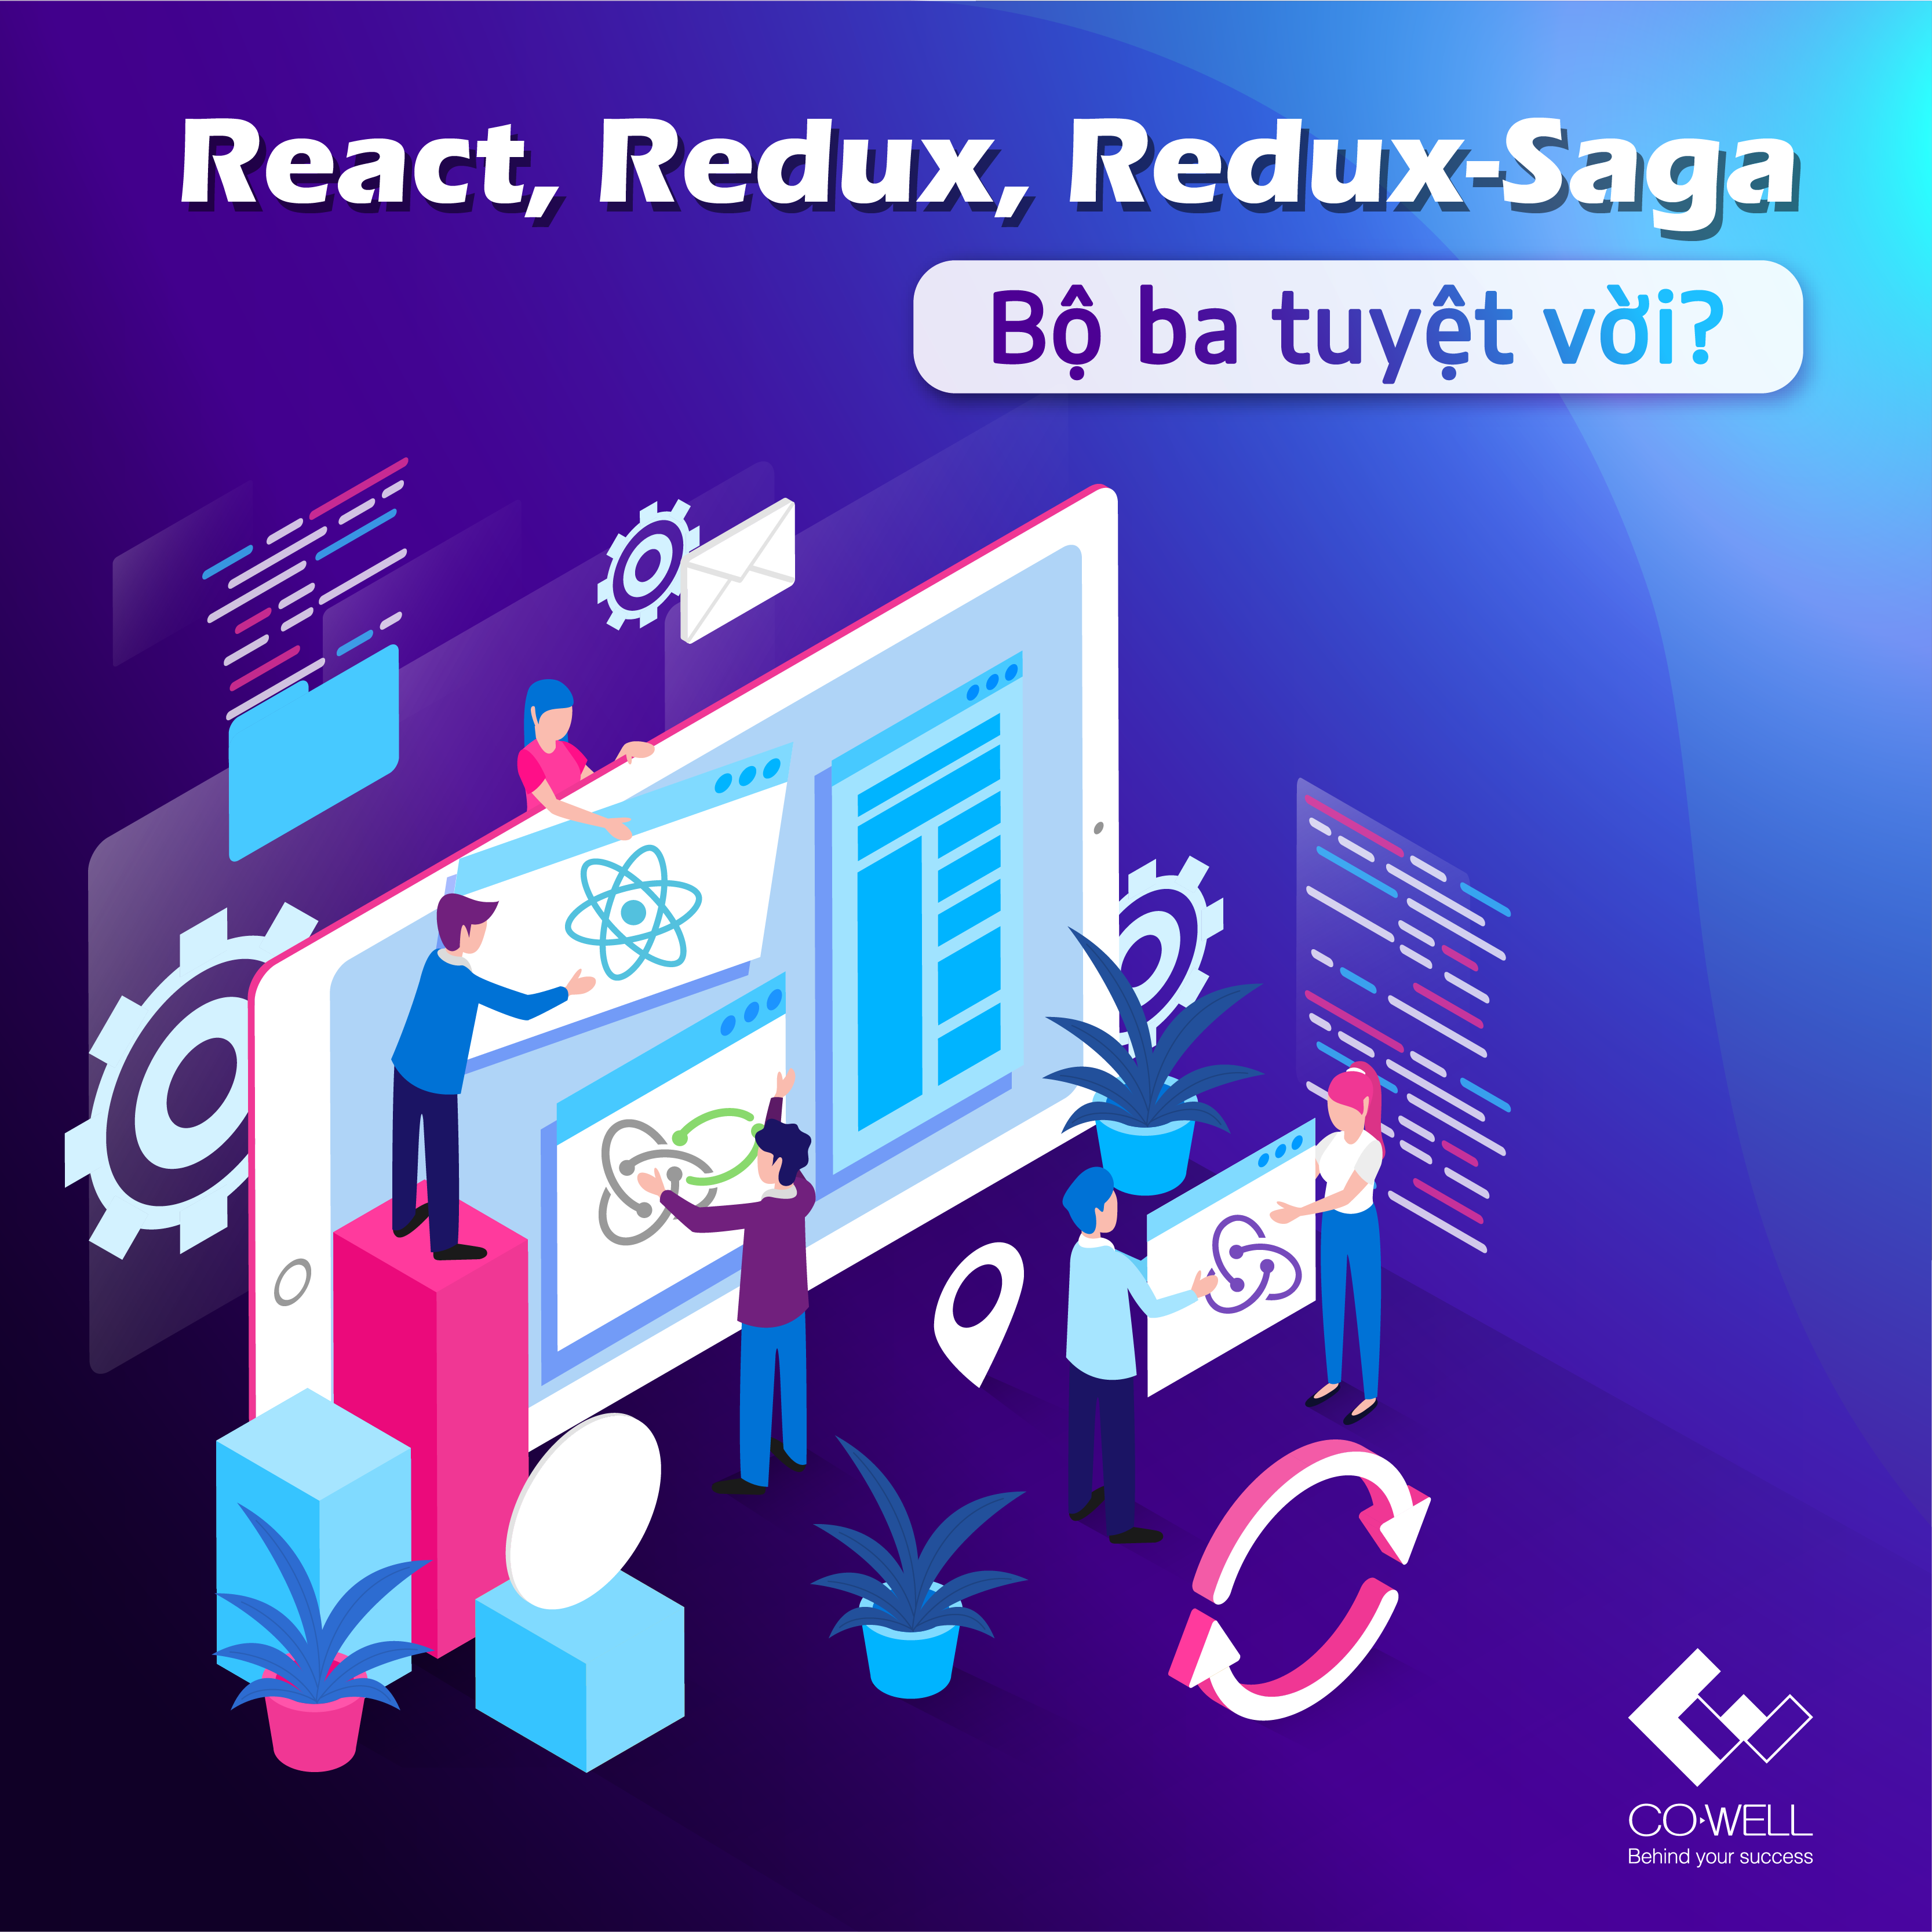 REACT, REDUX VÀ REDUX-SAGA – BỘ BA HOÀN HẢO CHO MỘT ỨNG DỤNG REACT!